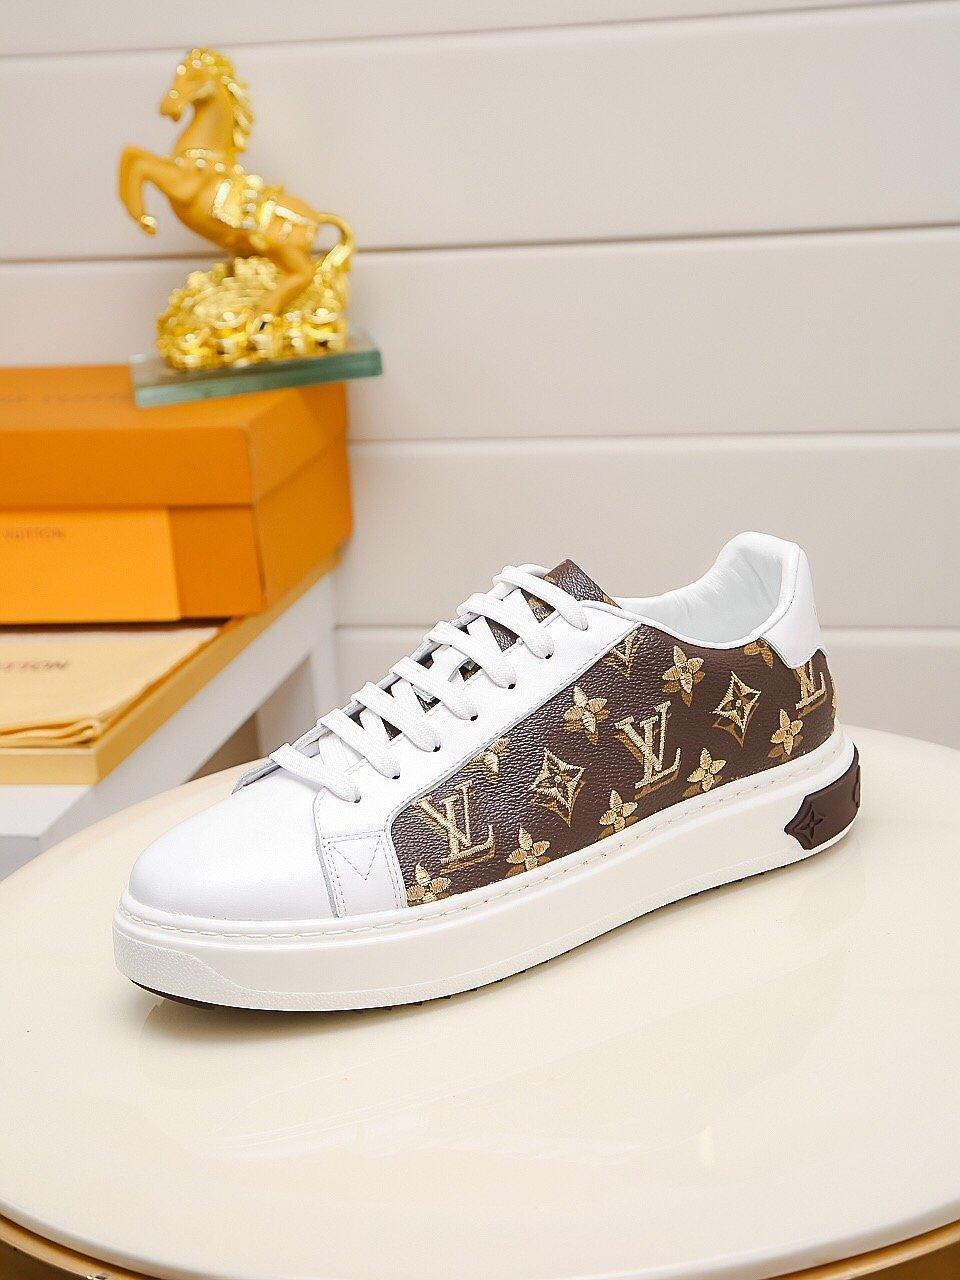 Новое прибытие высокого качества Роскошный дизайн кроссовки мужские или женские кожи плоские повседневная обувь Zapatos Свежее с коробкой 8 дней 3 г